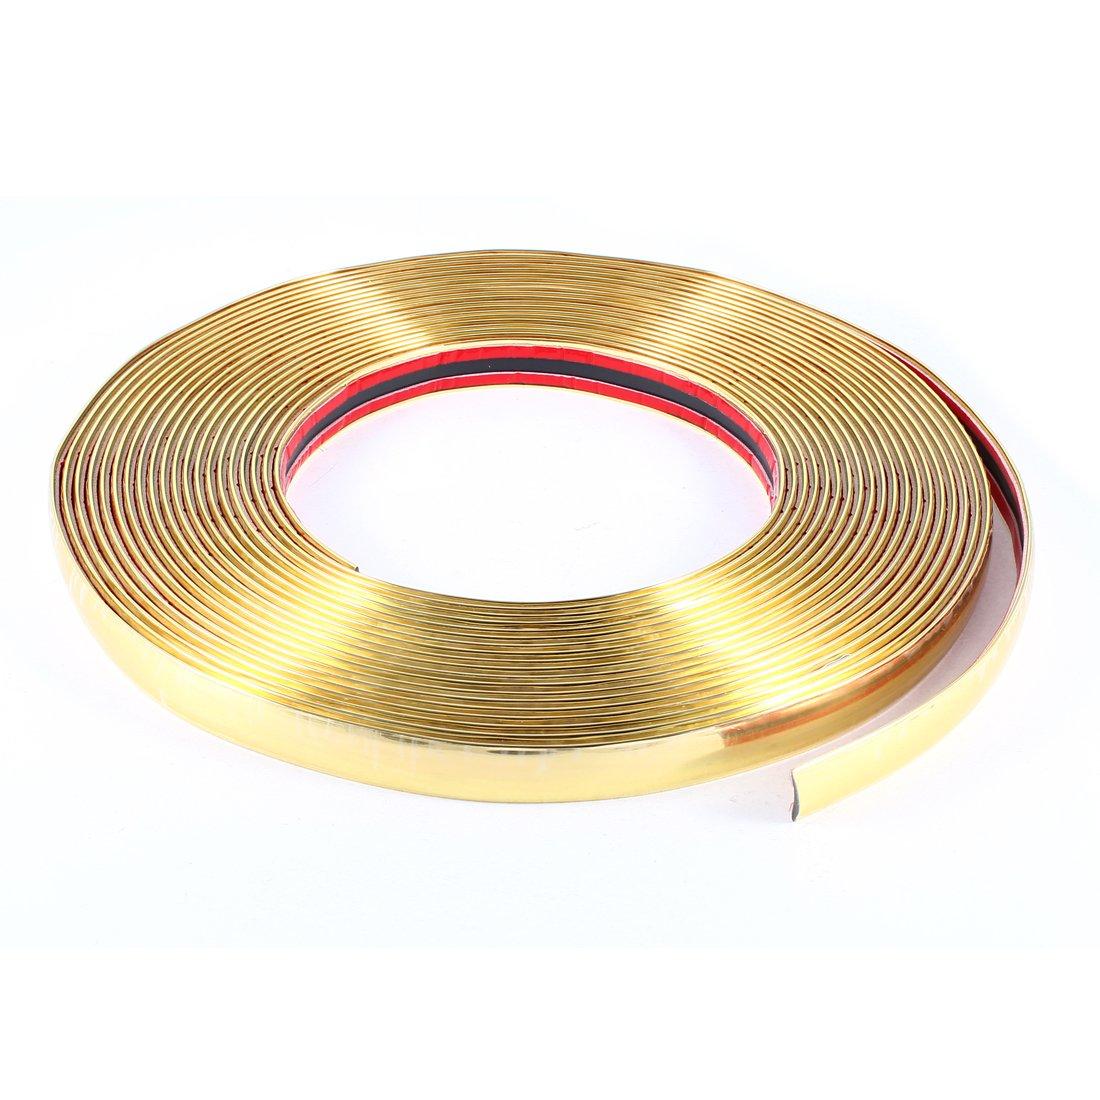 Flexible Plastic Moulding Trim Strip for Auto Car uxcell a13121000ux0969